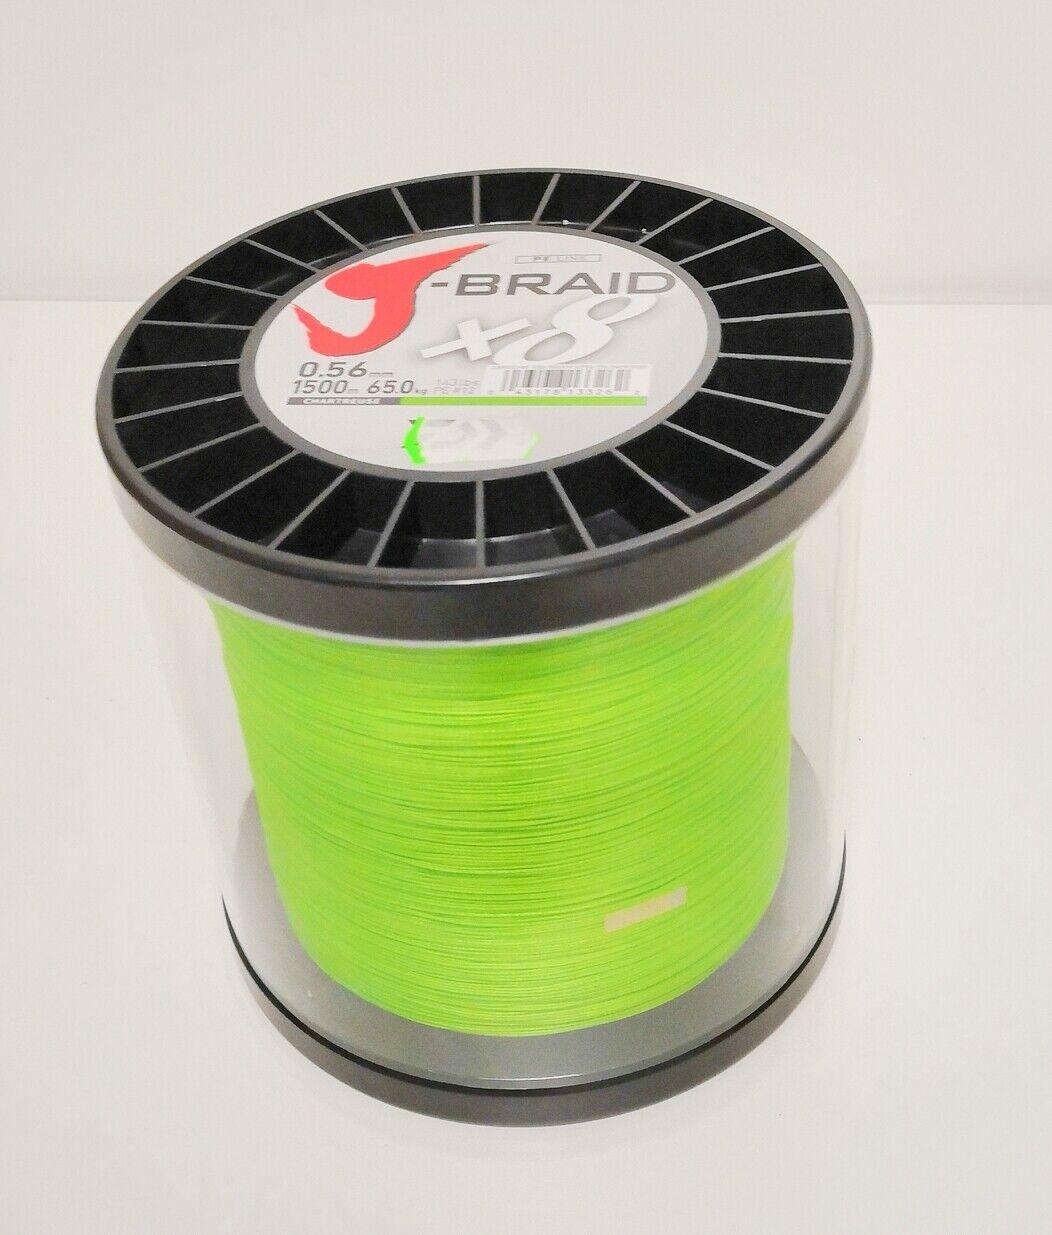 Daiwa J- Braid 0,56mm 0,56mm 0,56mm chartreuse 1500m 494c5e